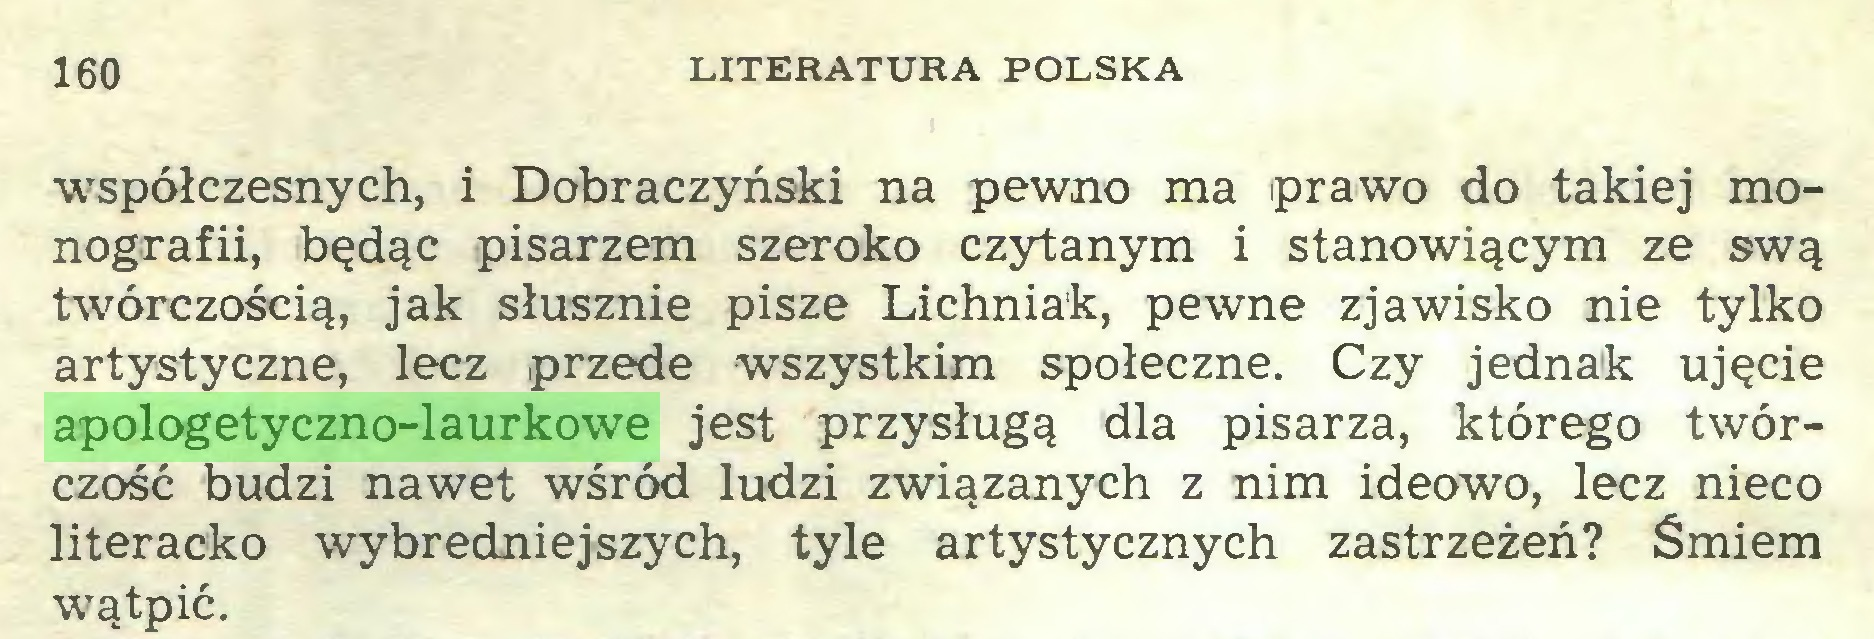 (...) 160 LITERATURA POLSKA współczesnych, i Dobraczyński na pewno ma prawo do takiej monografii, będąc pisarzem szeroko czytanym i stanowiącym ze swą twórczością, jak słusznie pisze Lichniak, pewne zjawisko nie tylko artystyczne, lecz przede wszystkim społeczne. Czy jednak ujęcie apologetyczno-laurkowe jest przysługą dla pisarza, którego twórczość budzi nawet wśród ludzi związanych z nim ideowo, lecz nieco literacko wybredniejszych, tyle artystycznych zastrzeżeń? Śmiem wątpić...